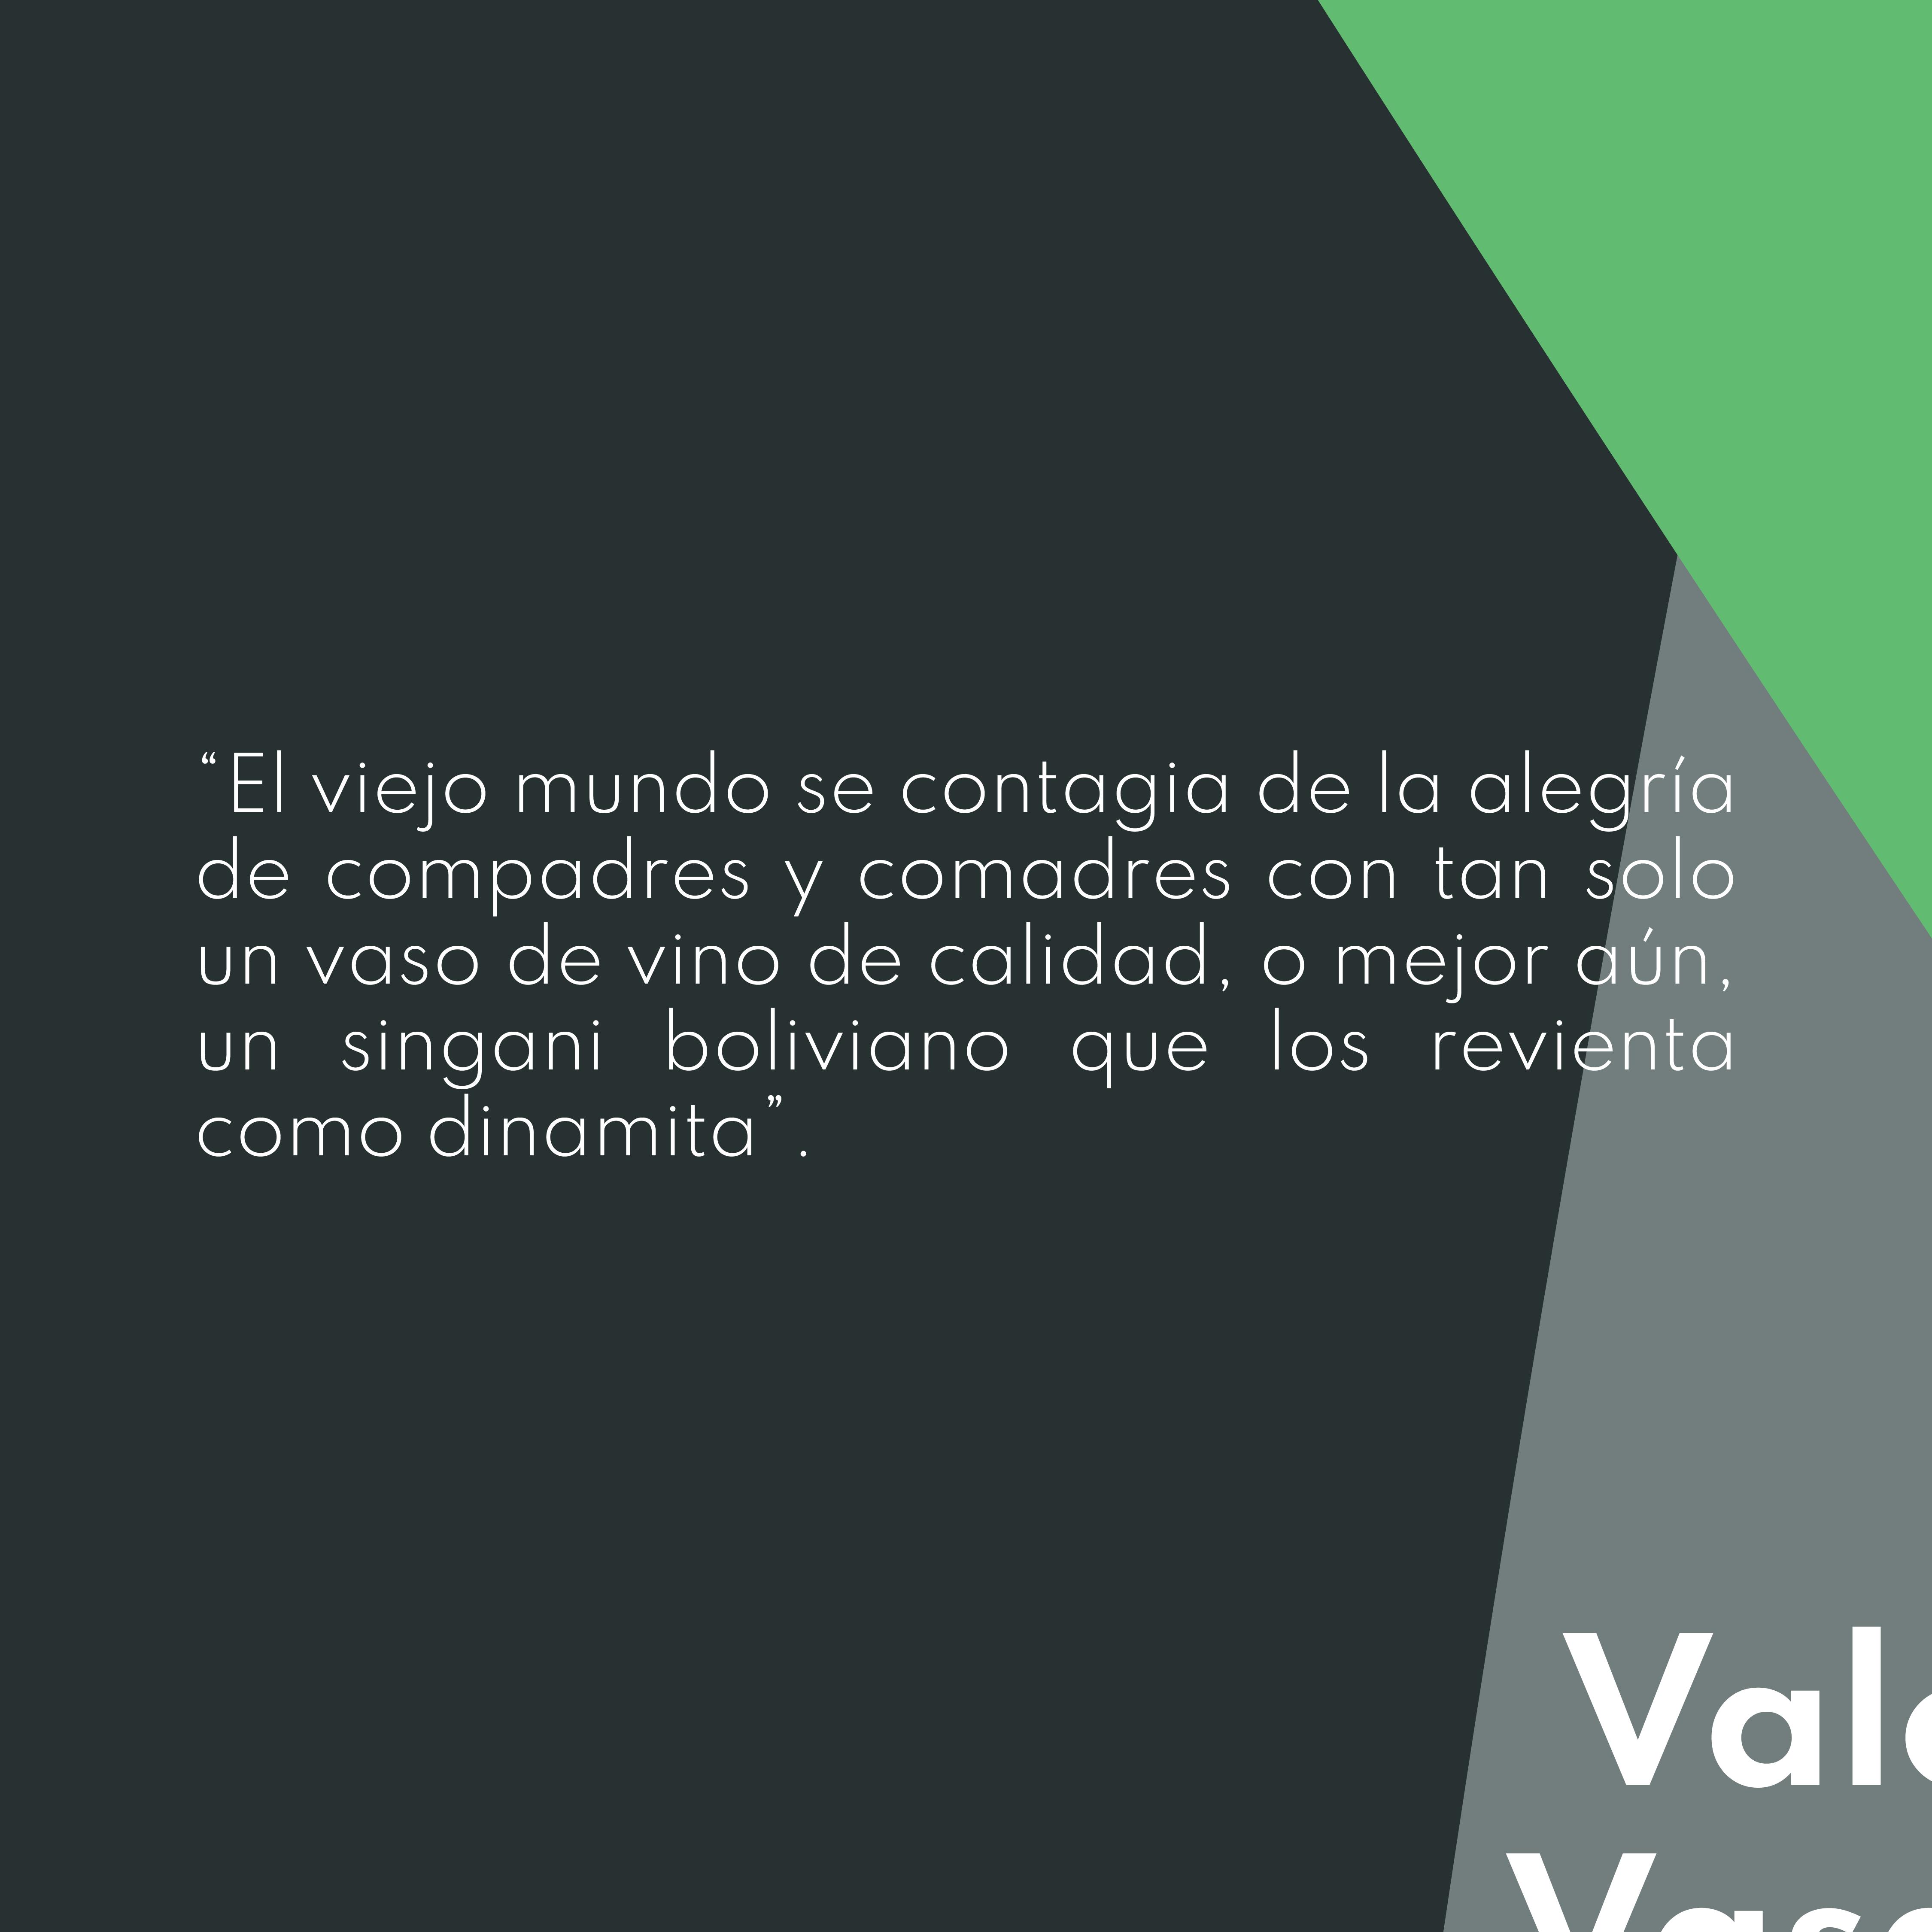 valeria vasquez-01